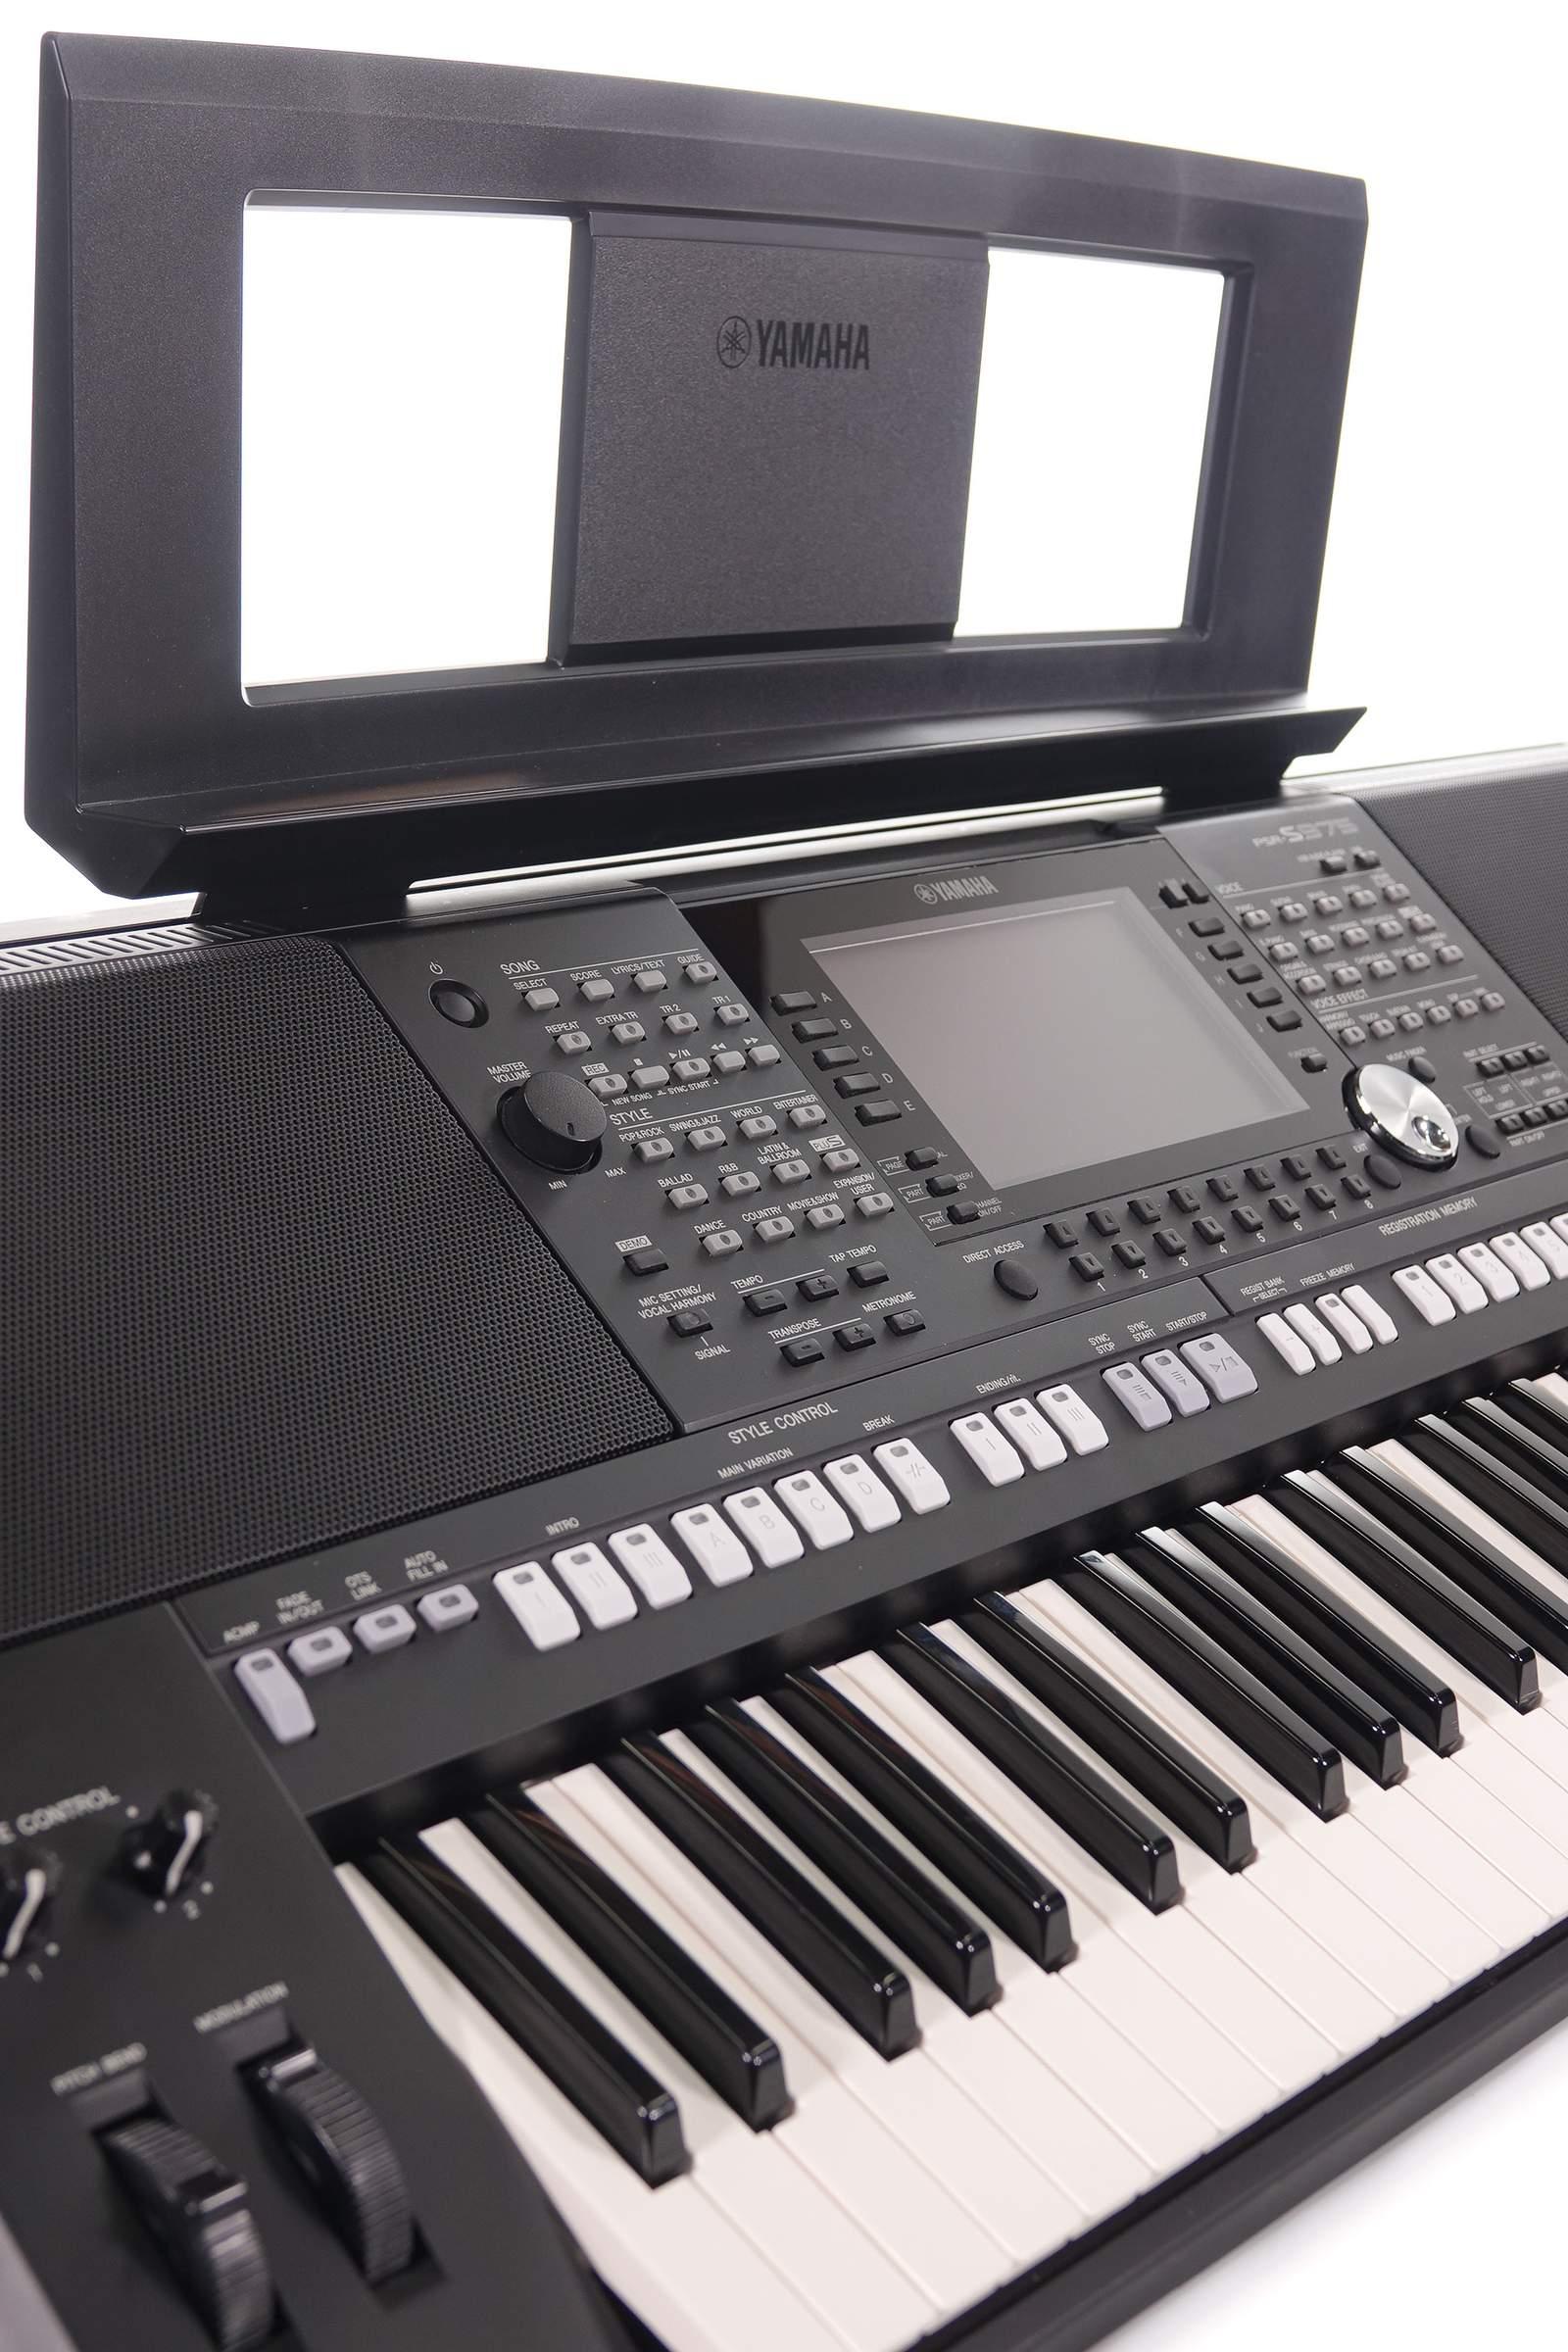 Yamaha PSRS975 - Yamaha PSR-S975